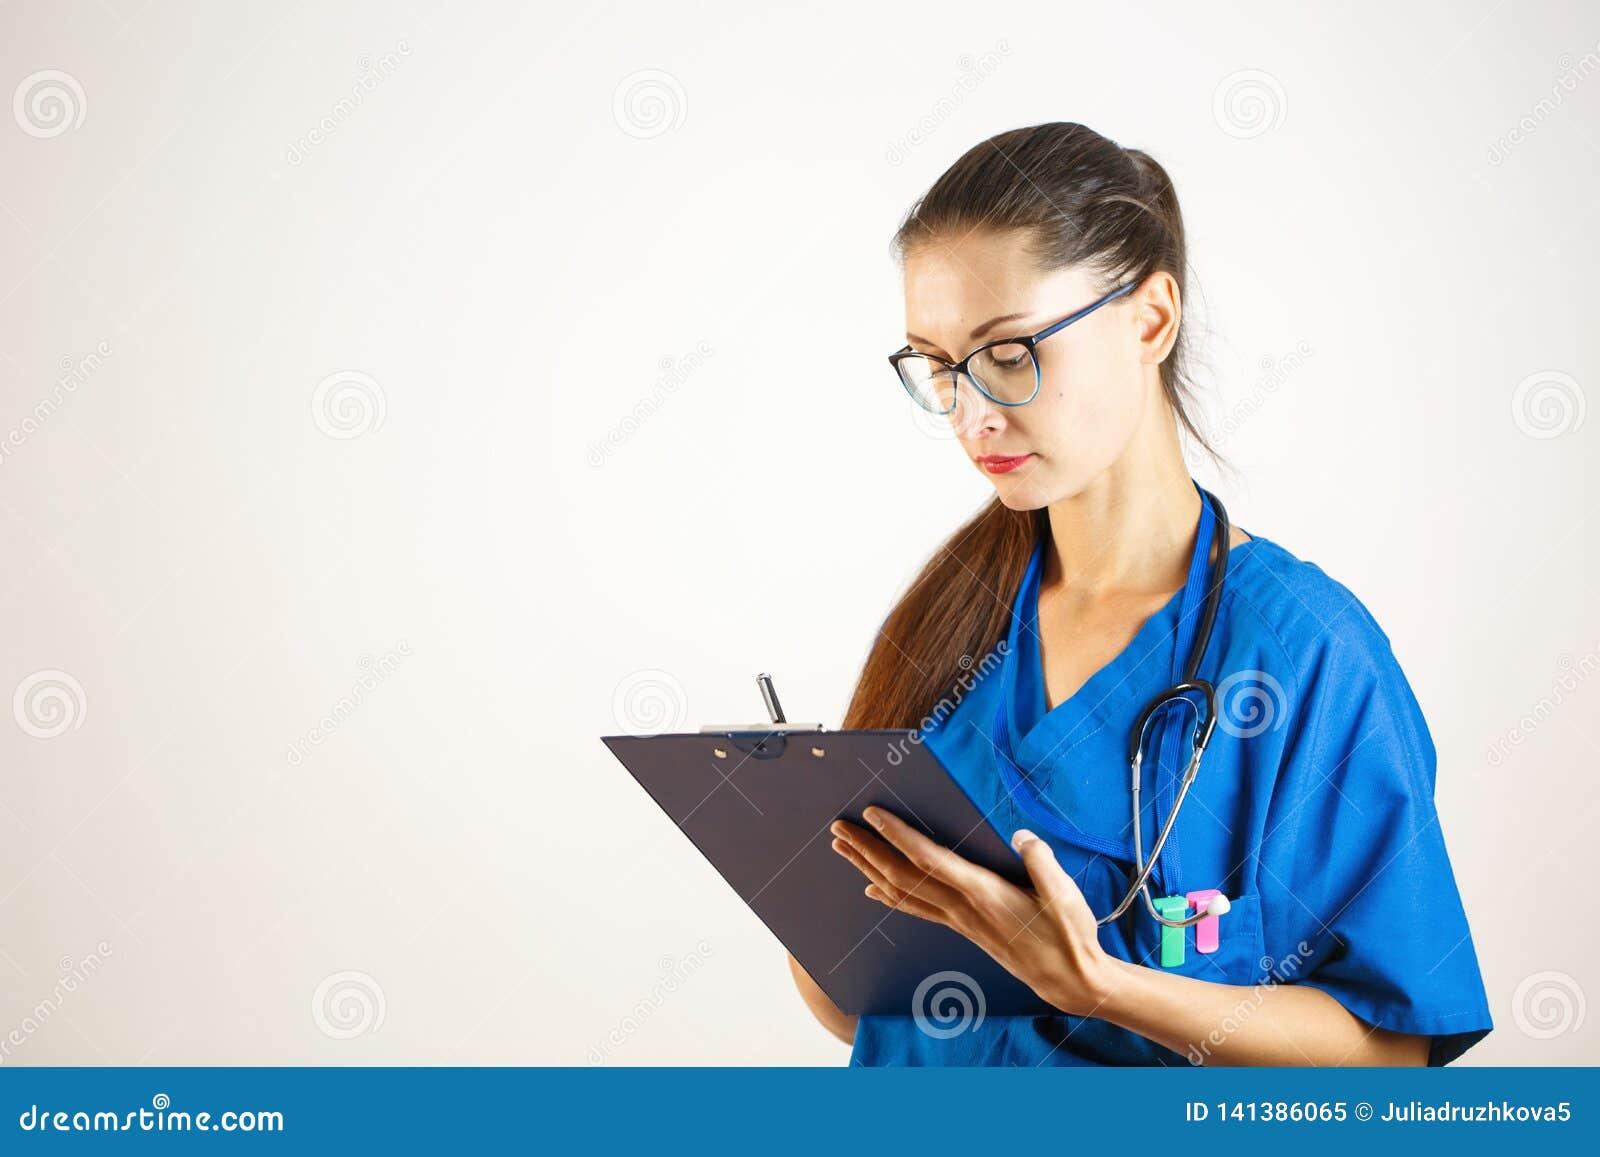 Żeńska lekarka w błękitnym kontuszu nagrywa dane w czasopiśmie, stetoskop jest na jej szyi Biały tło